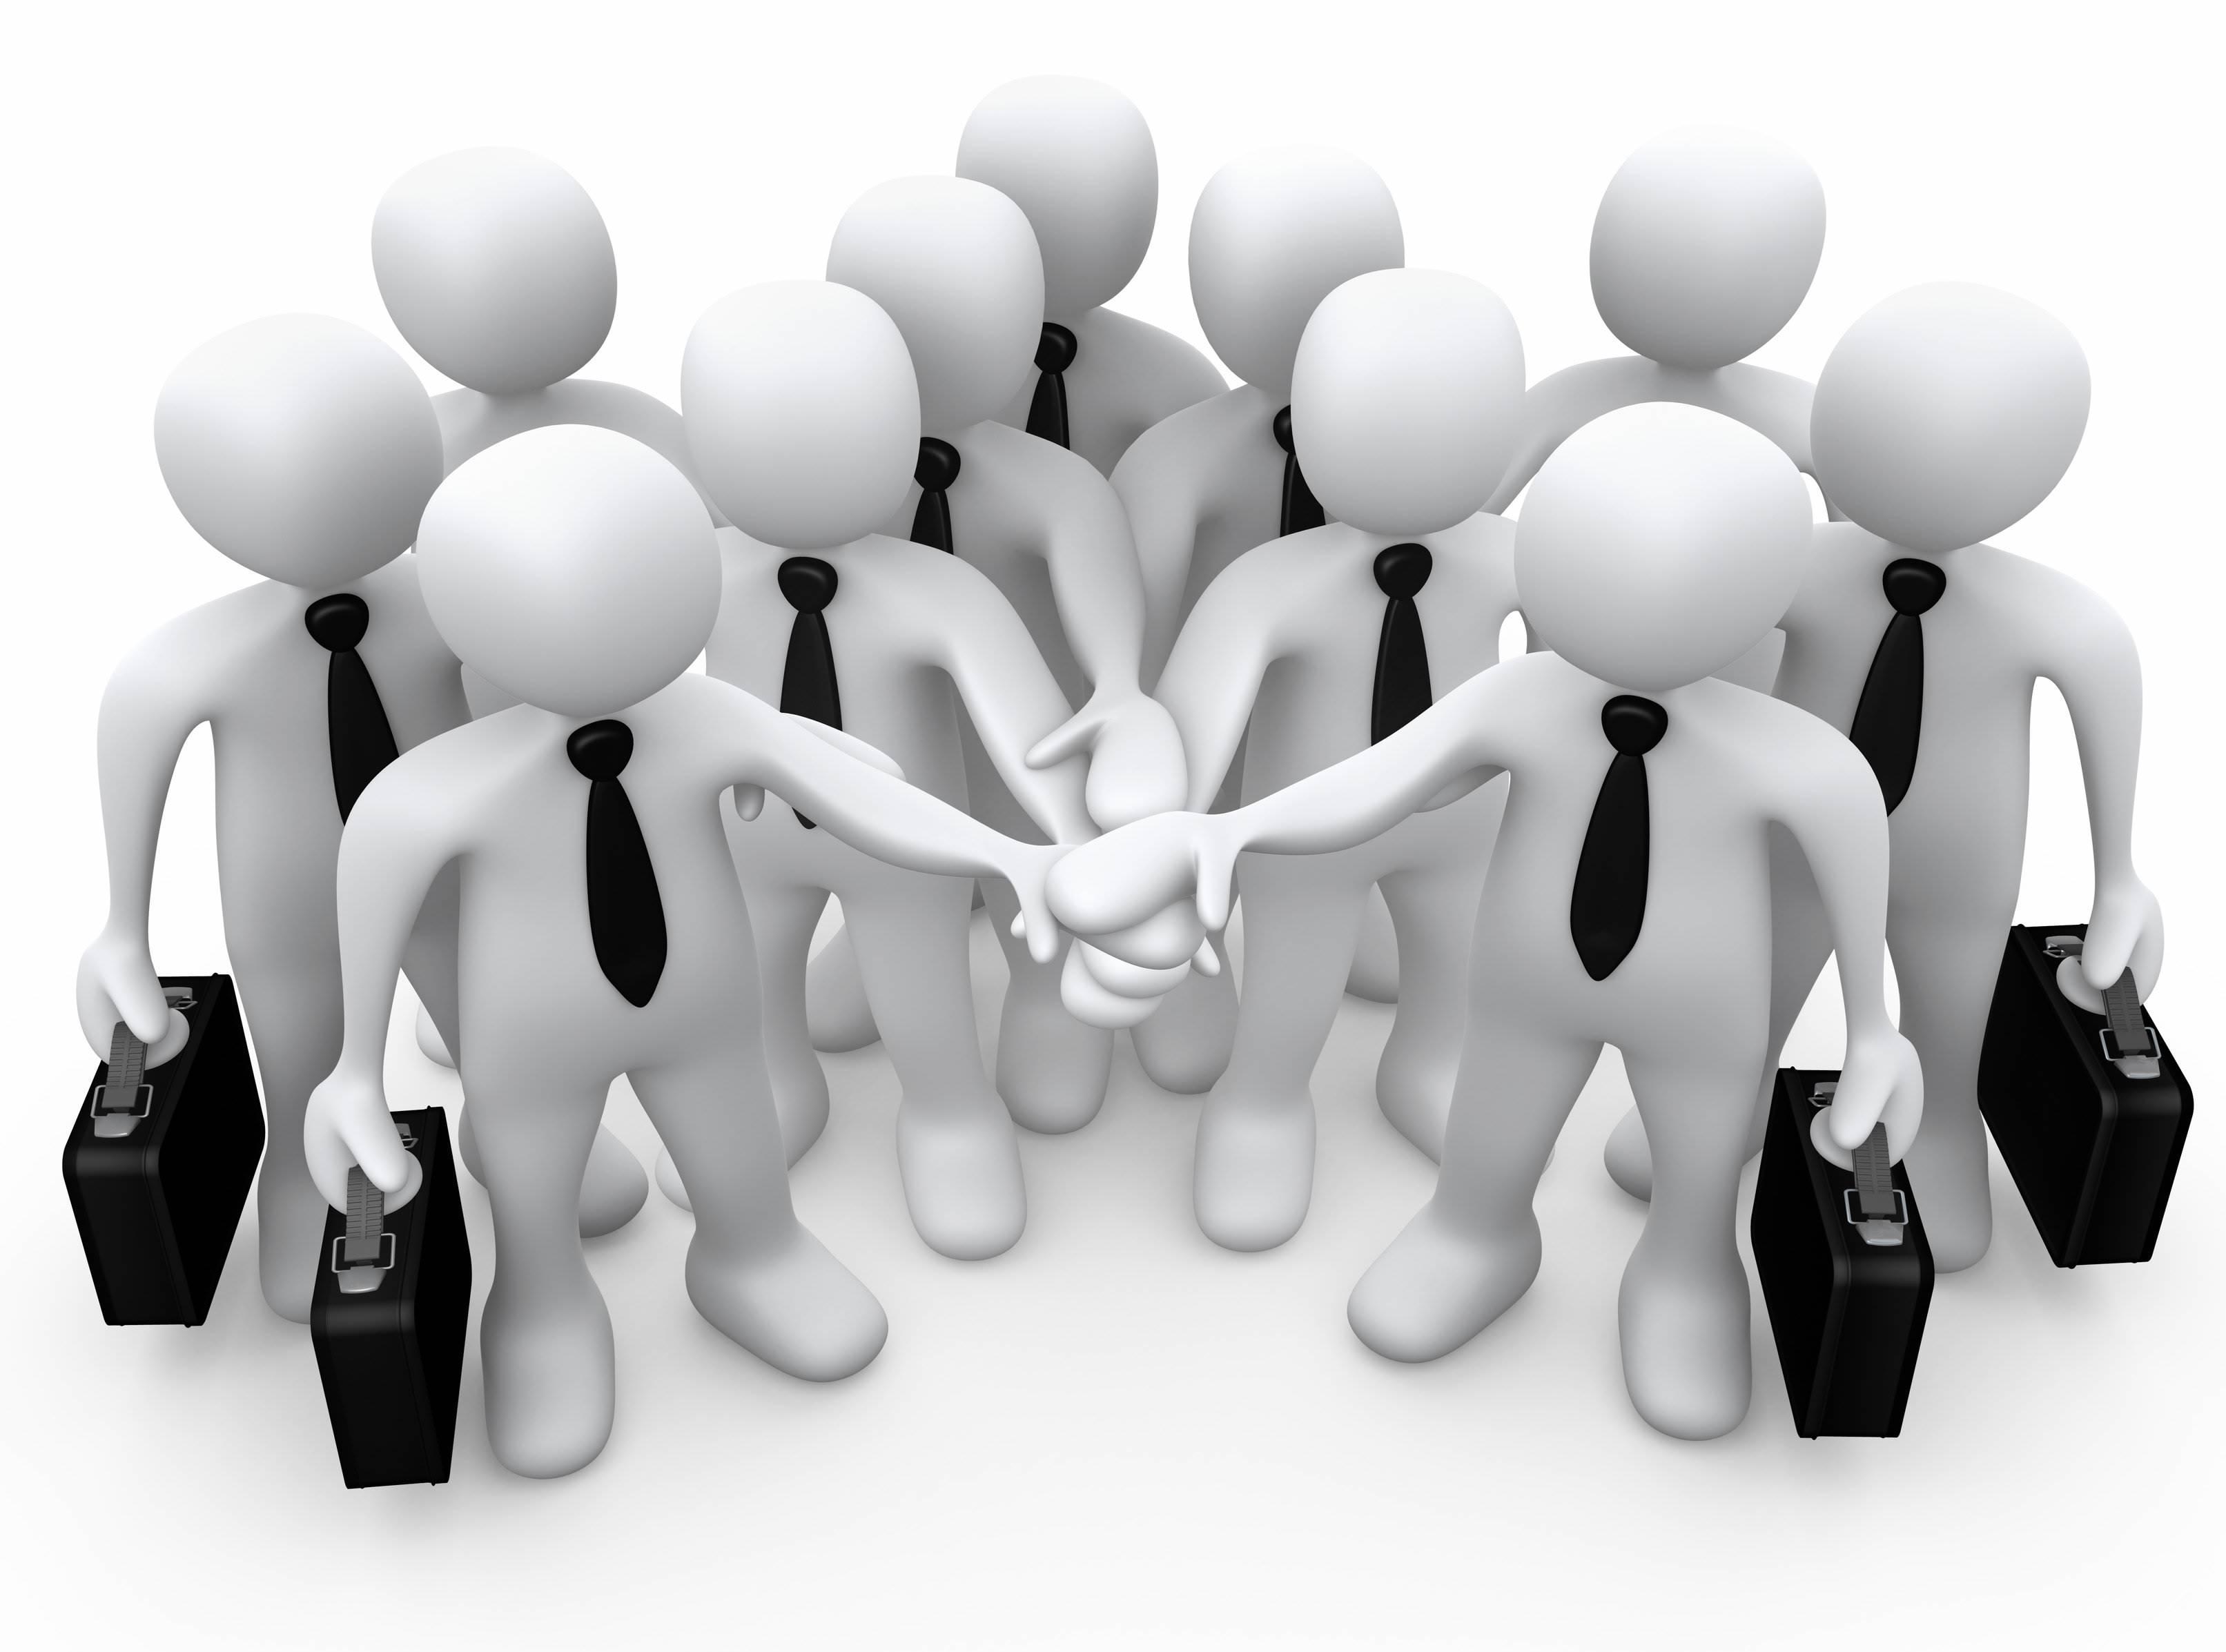 создание отраслевого банка по инициаьтве учредителя